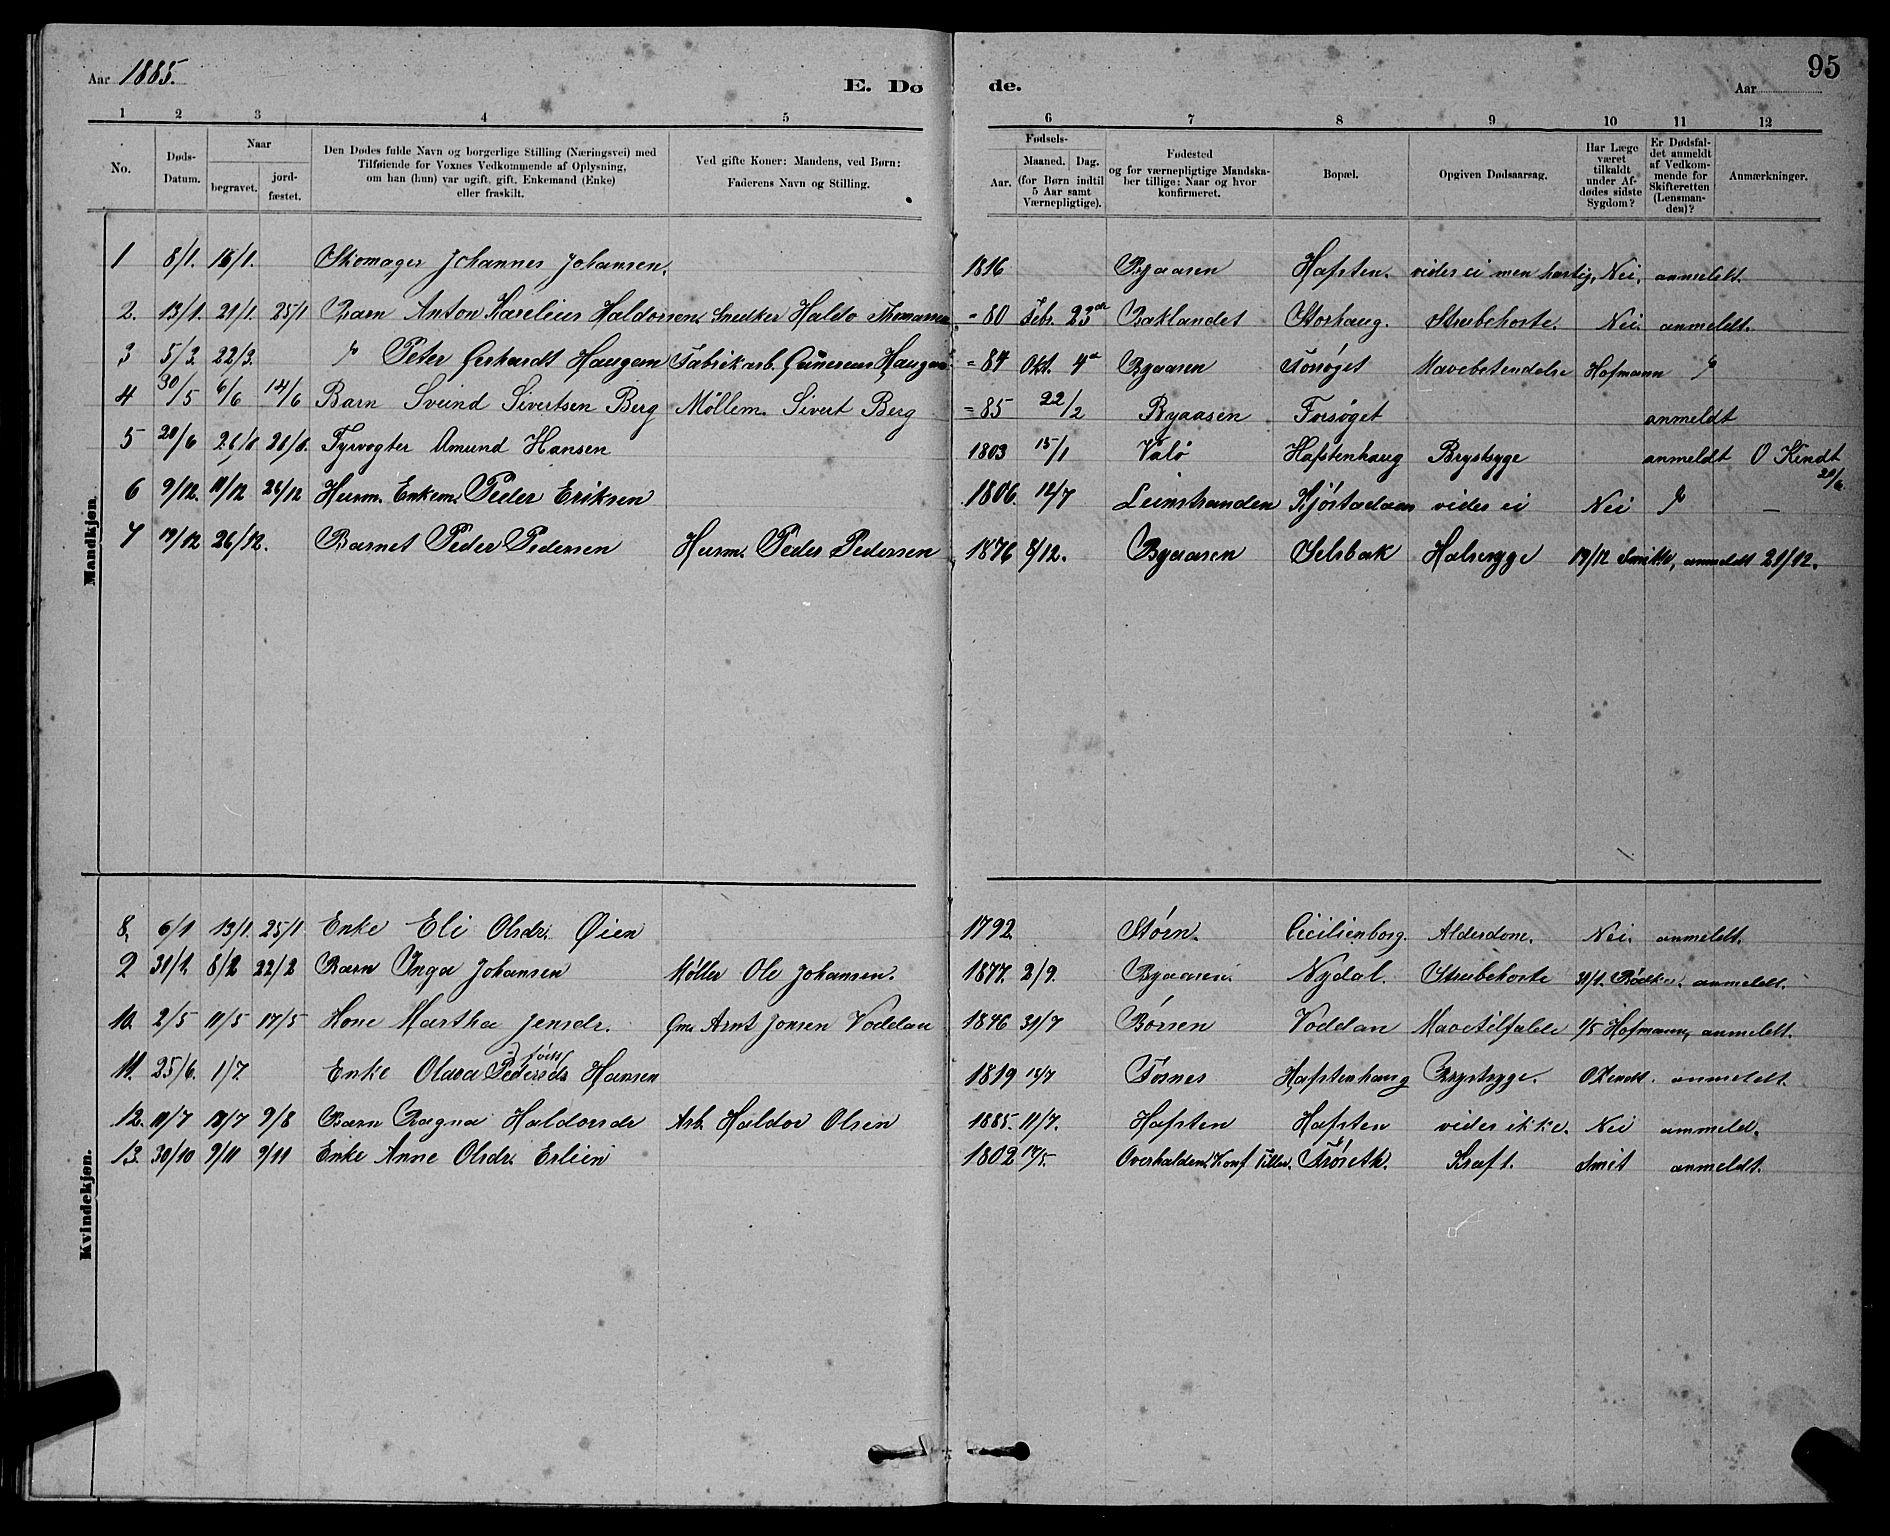 SAT, Ministerialprotokoller, klokkerbøker og fødselsregistre - Sør-Trøndelag, 611/L0354: Klokkerbok nr. 611C02, 1881-1896, s. 95